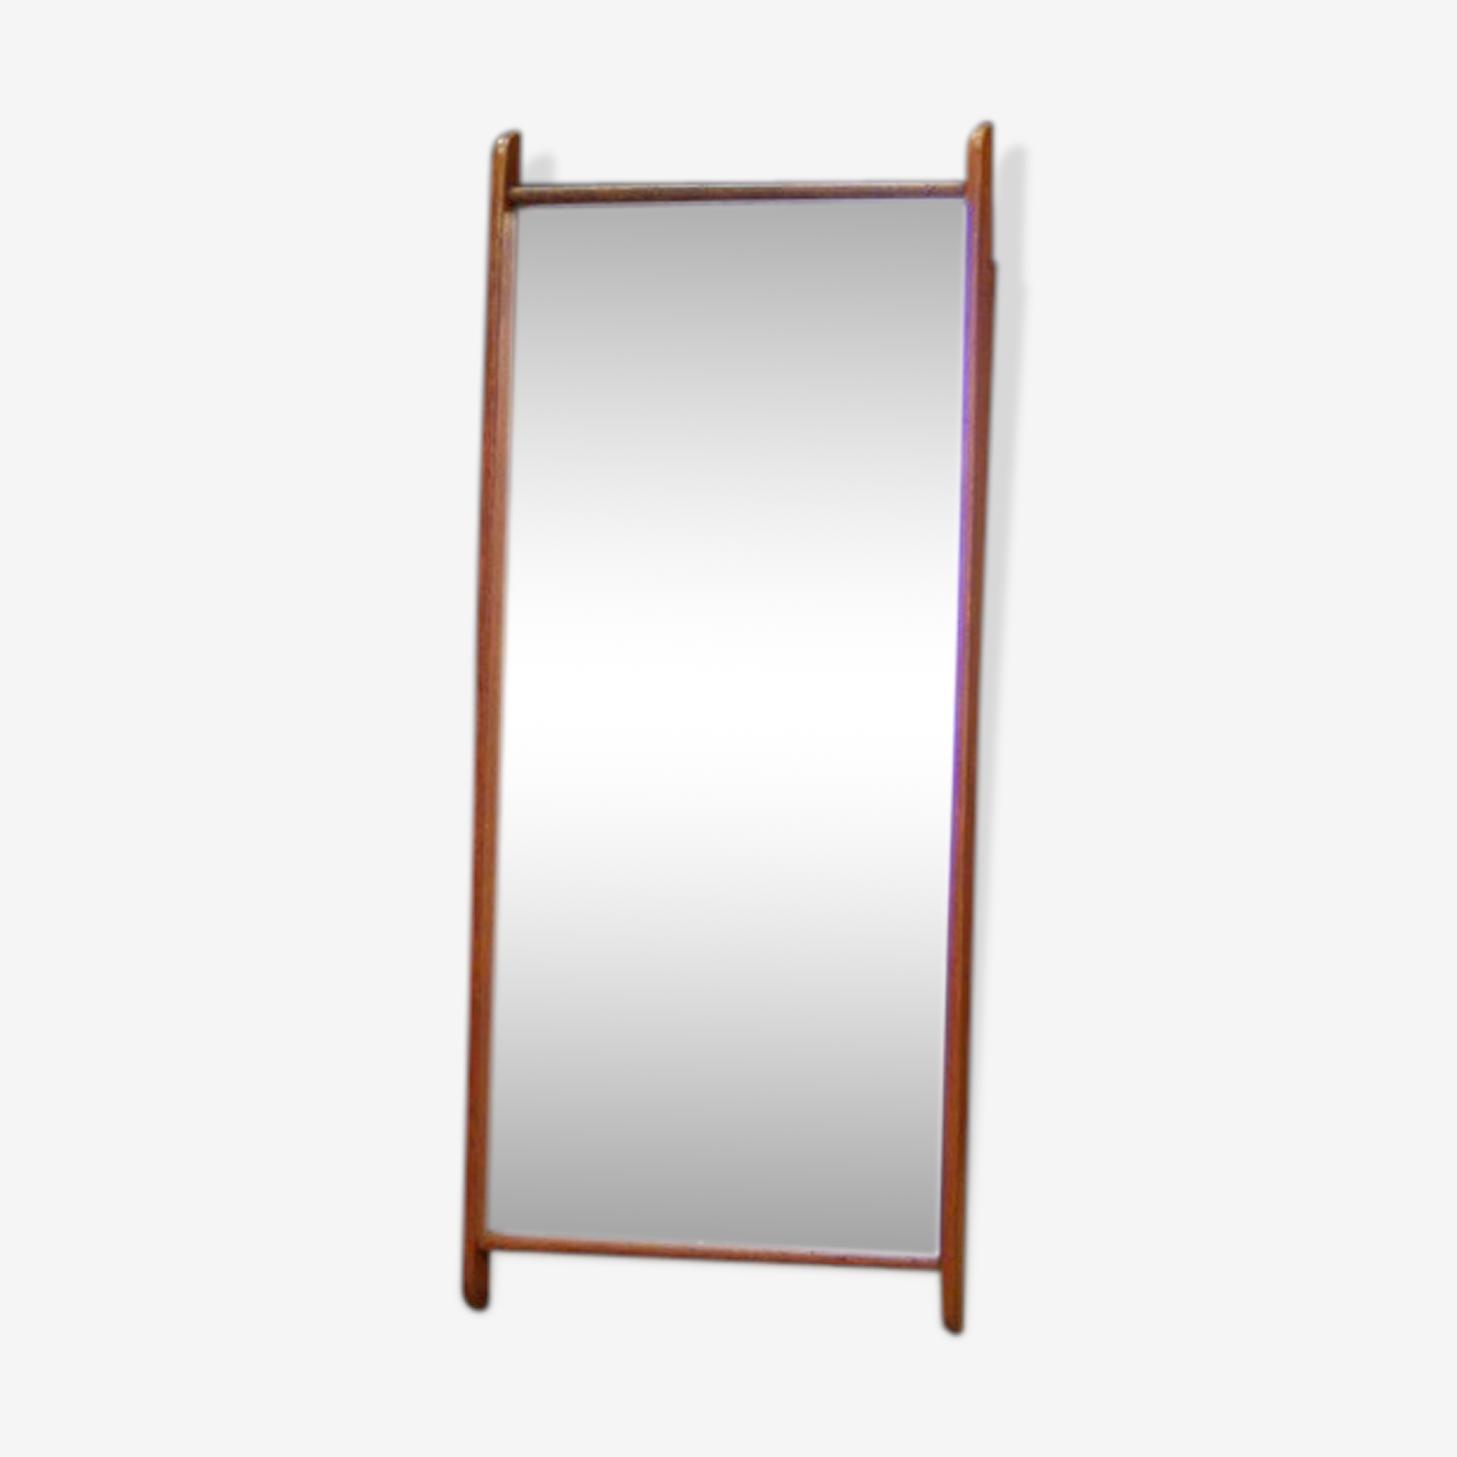 Mirror 60/70 danish design retro 95x40cm